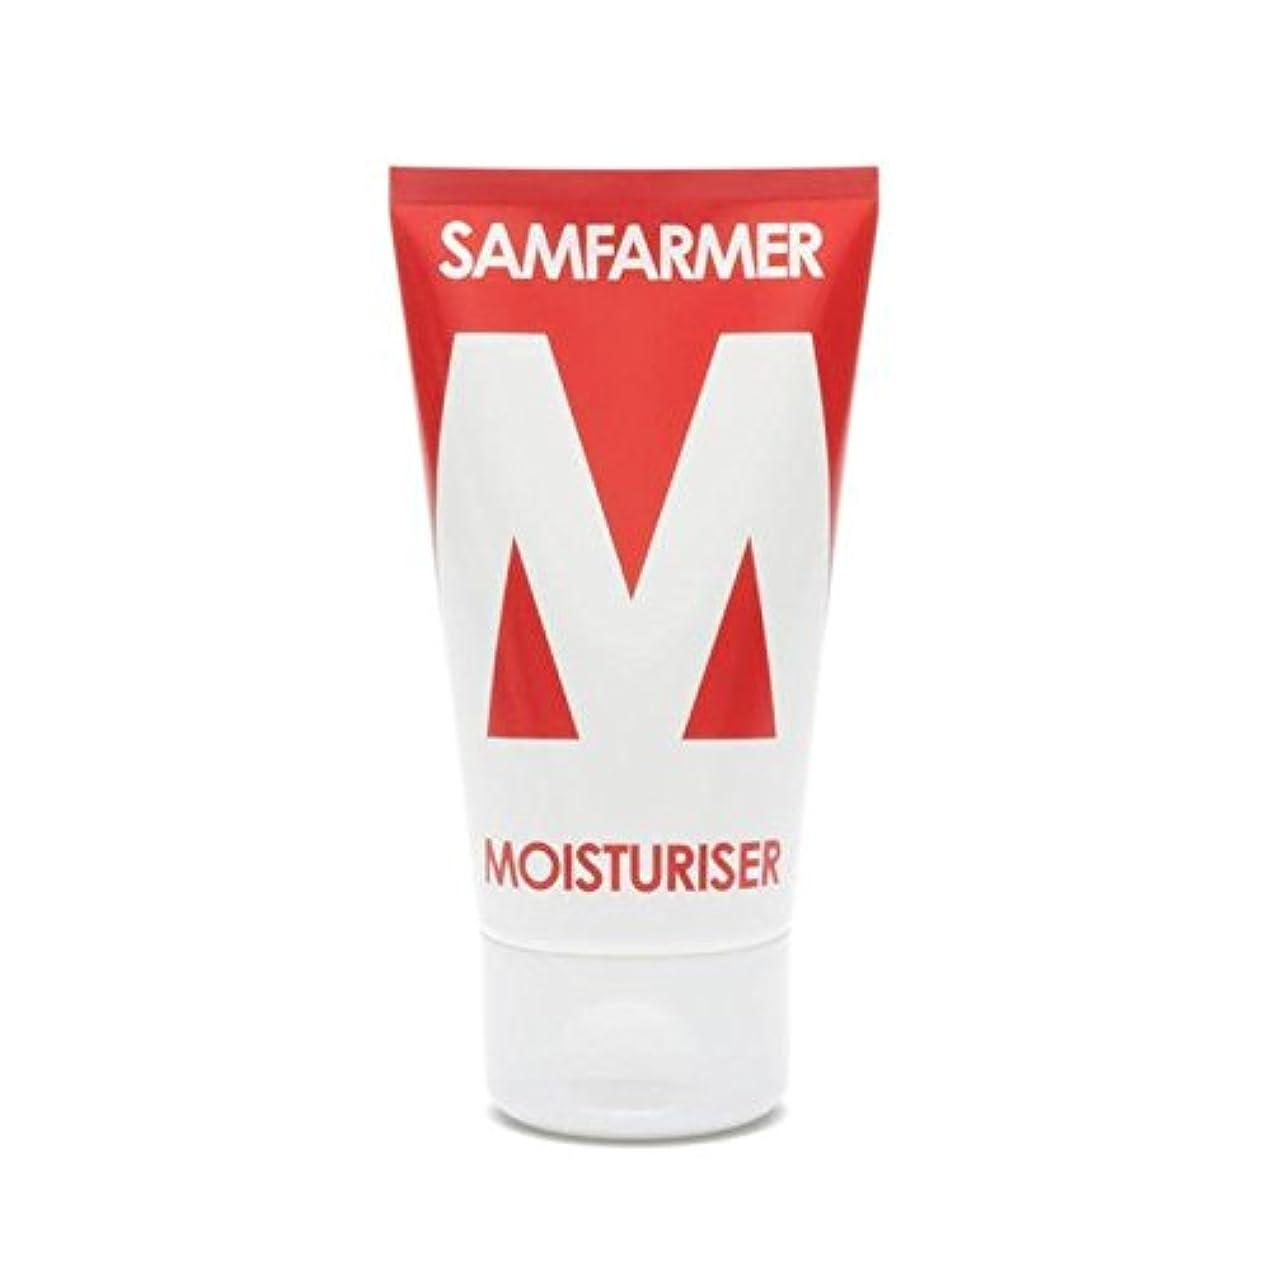 満足できる行進鈍いユニセックス保湿50ミリリットル x4 - SAMFARMER Unisex Moisturiser 50ml (Pack of 4) [並行輸入品]